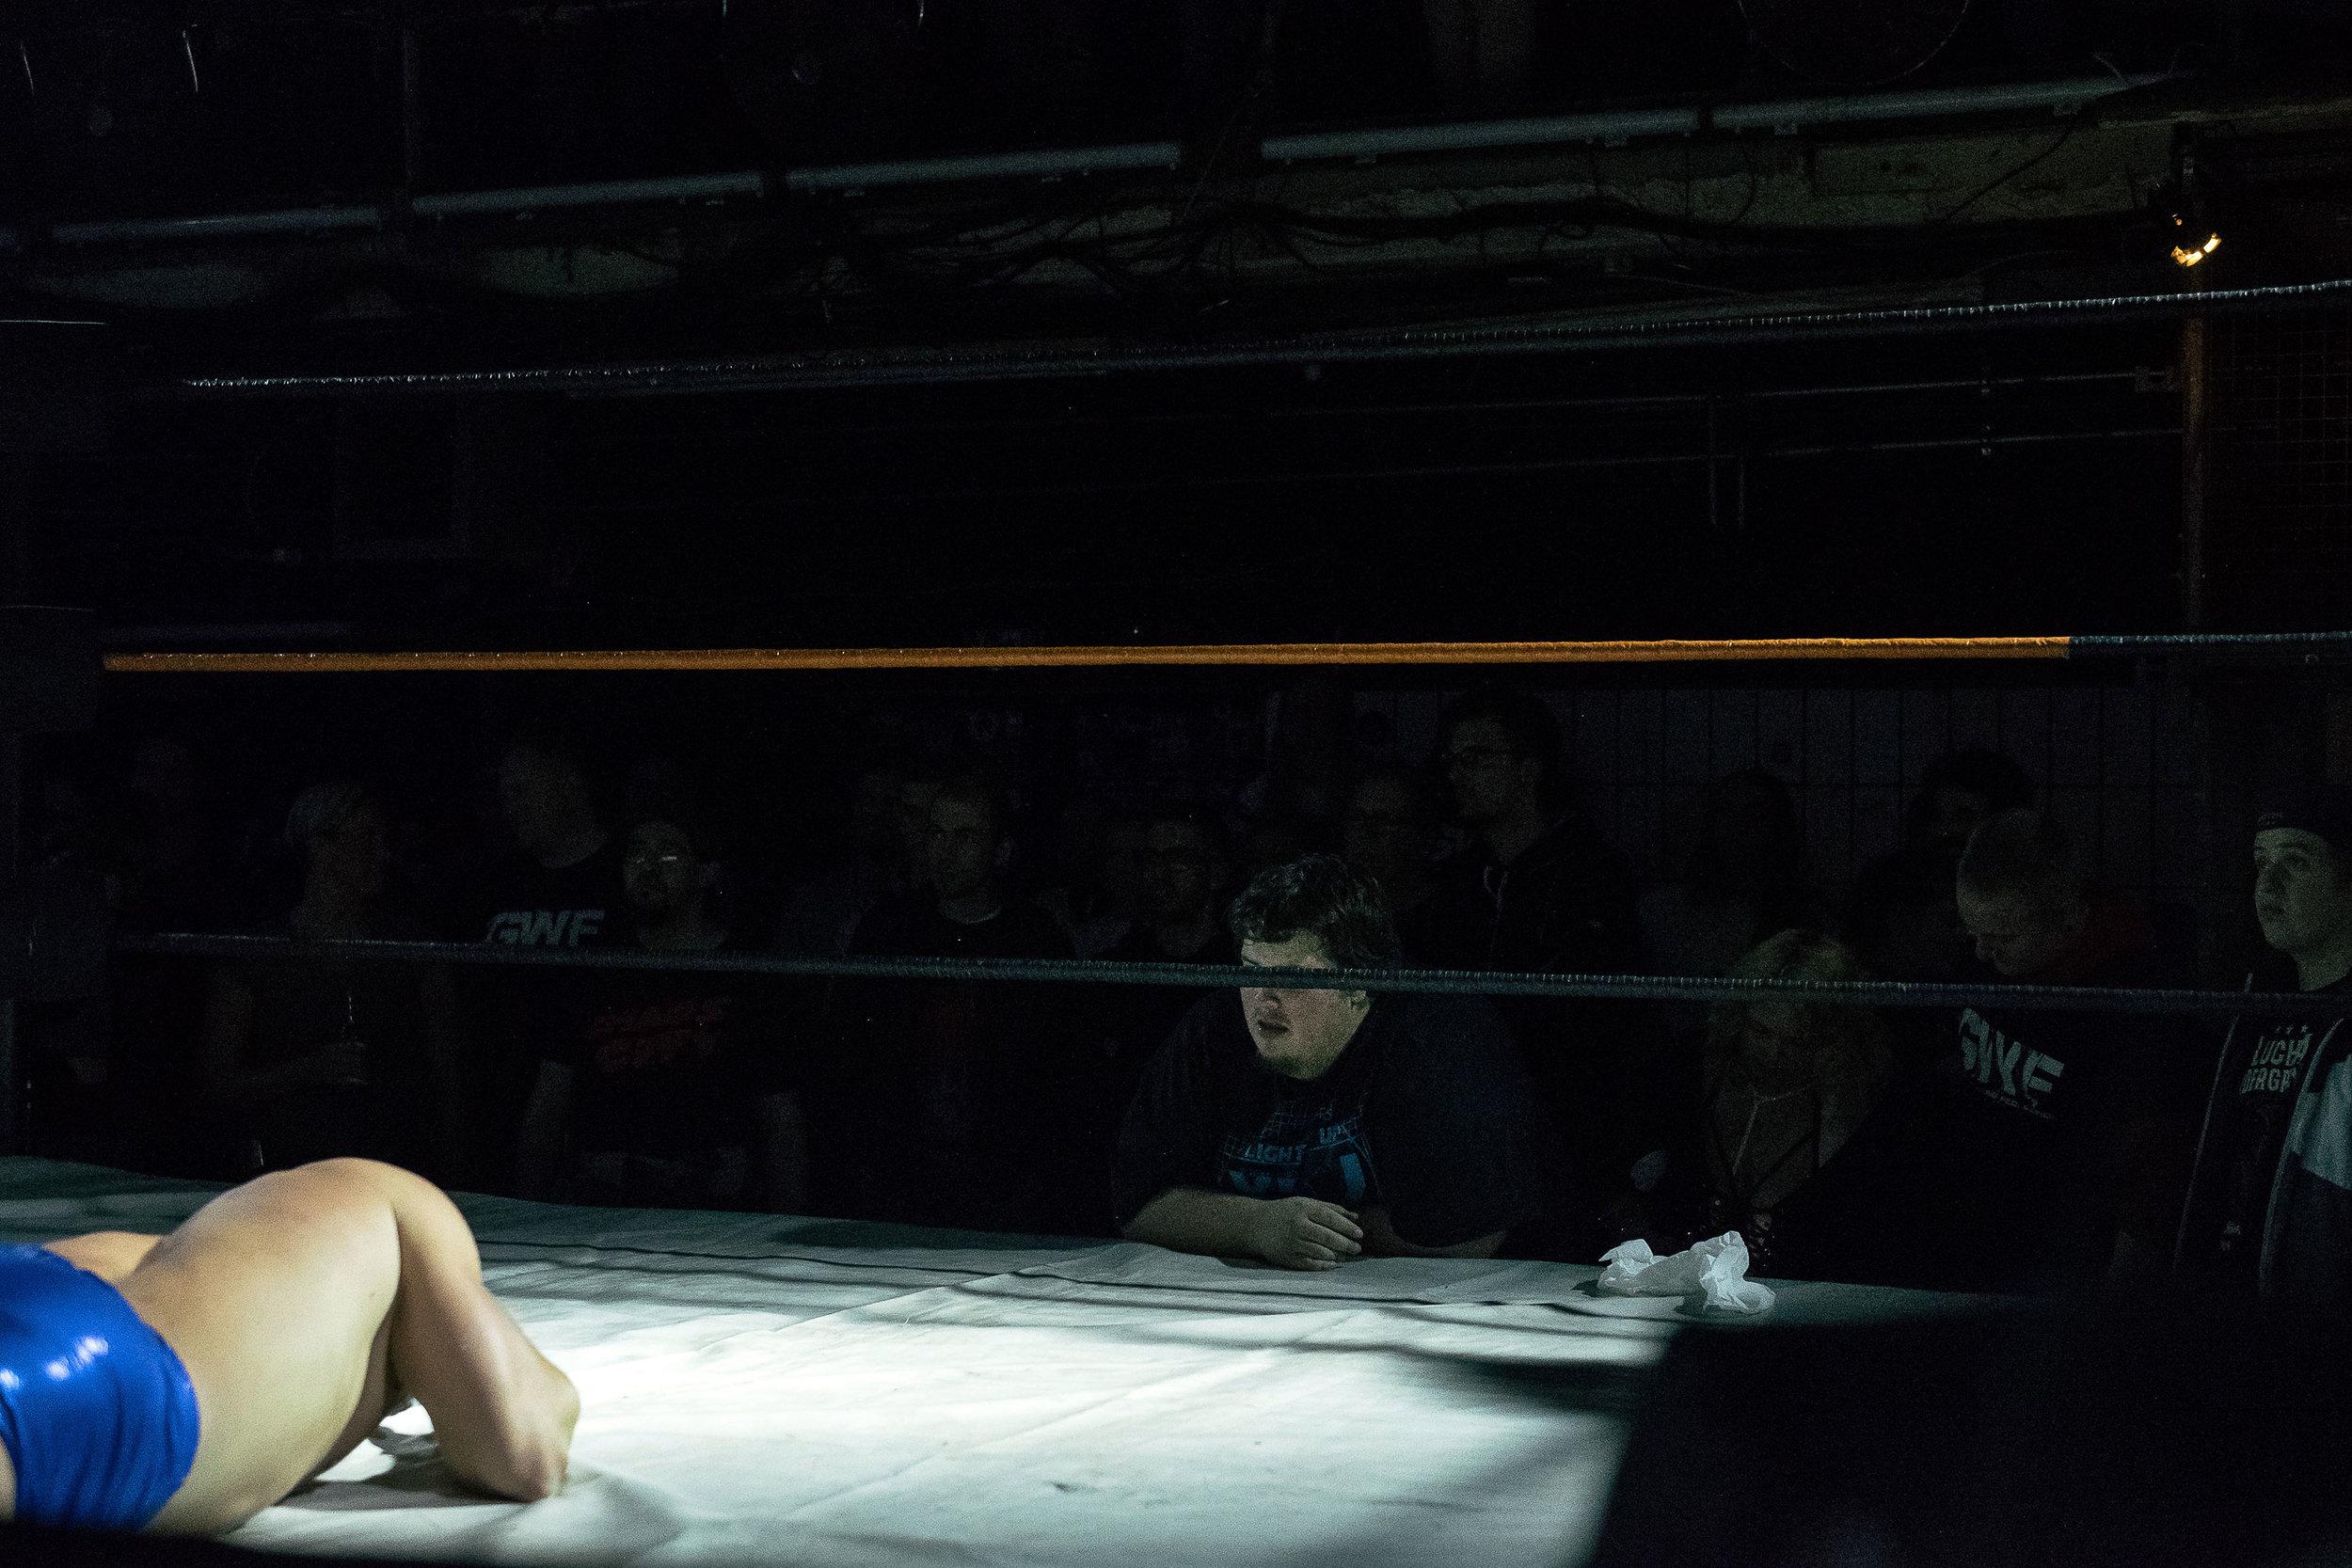 94_wrestling.jpg